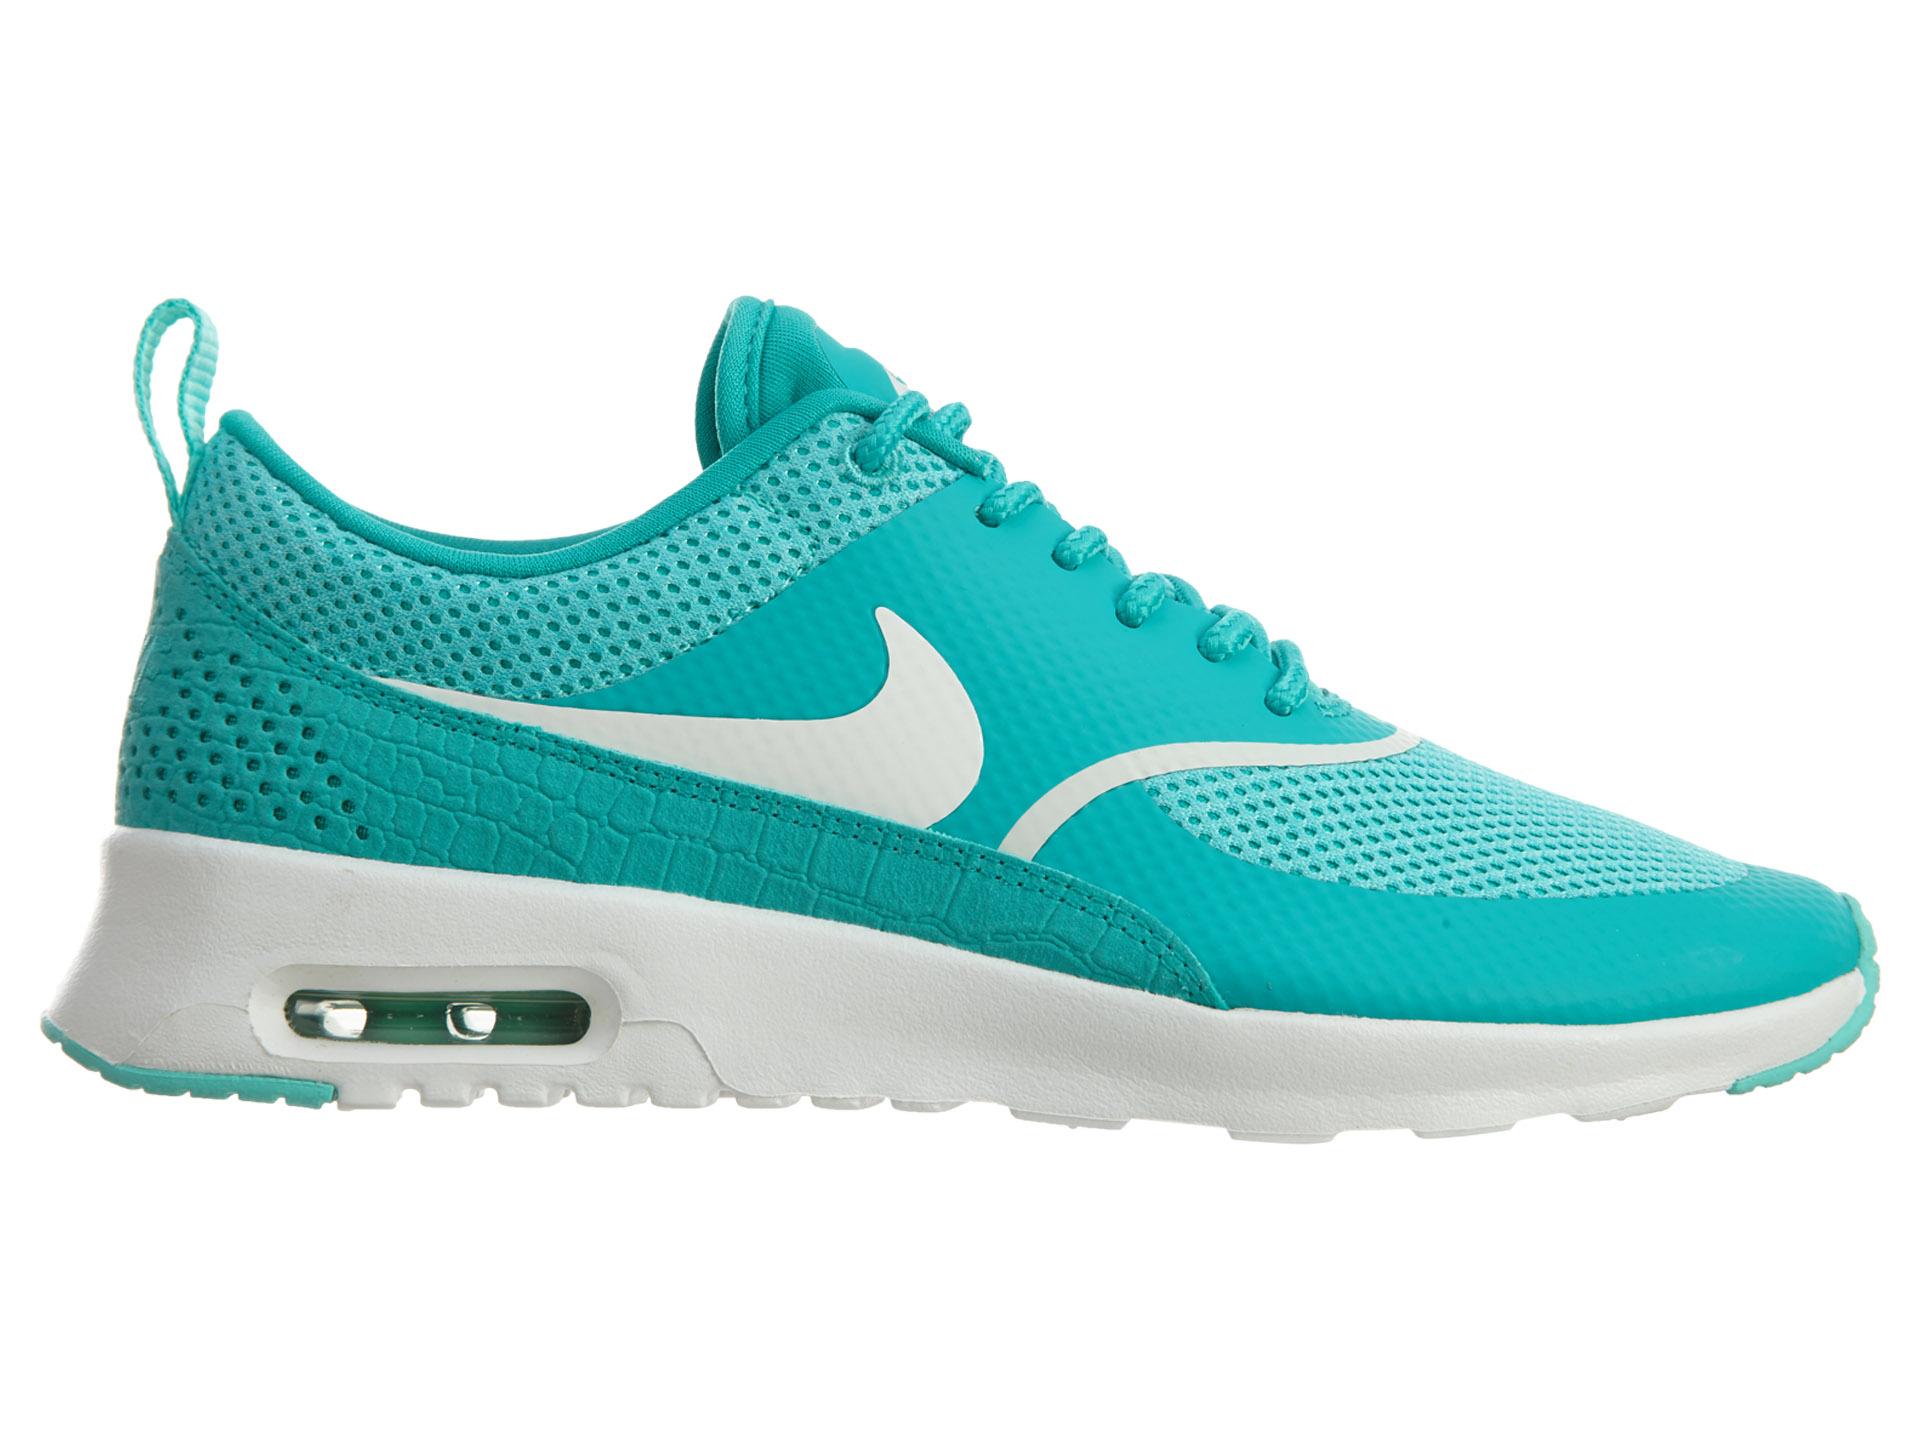 Nike Air Max Thea 599409 307